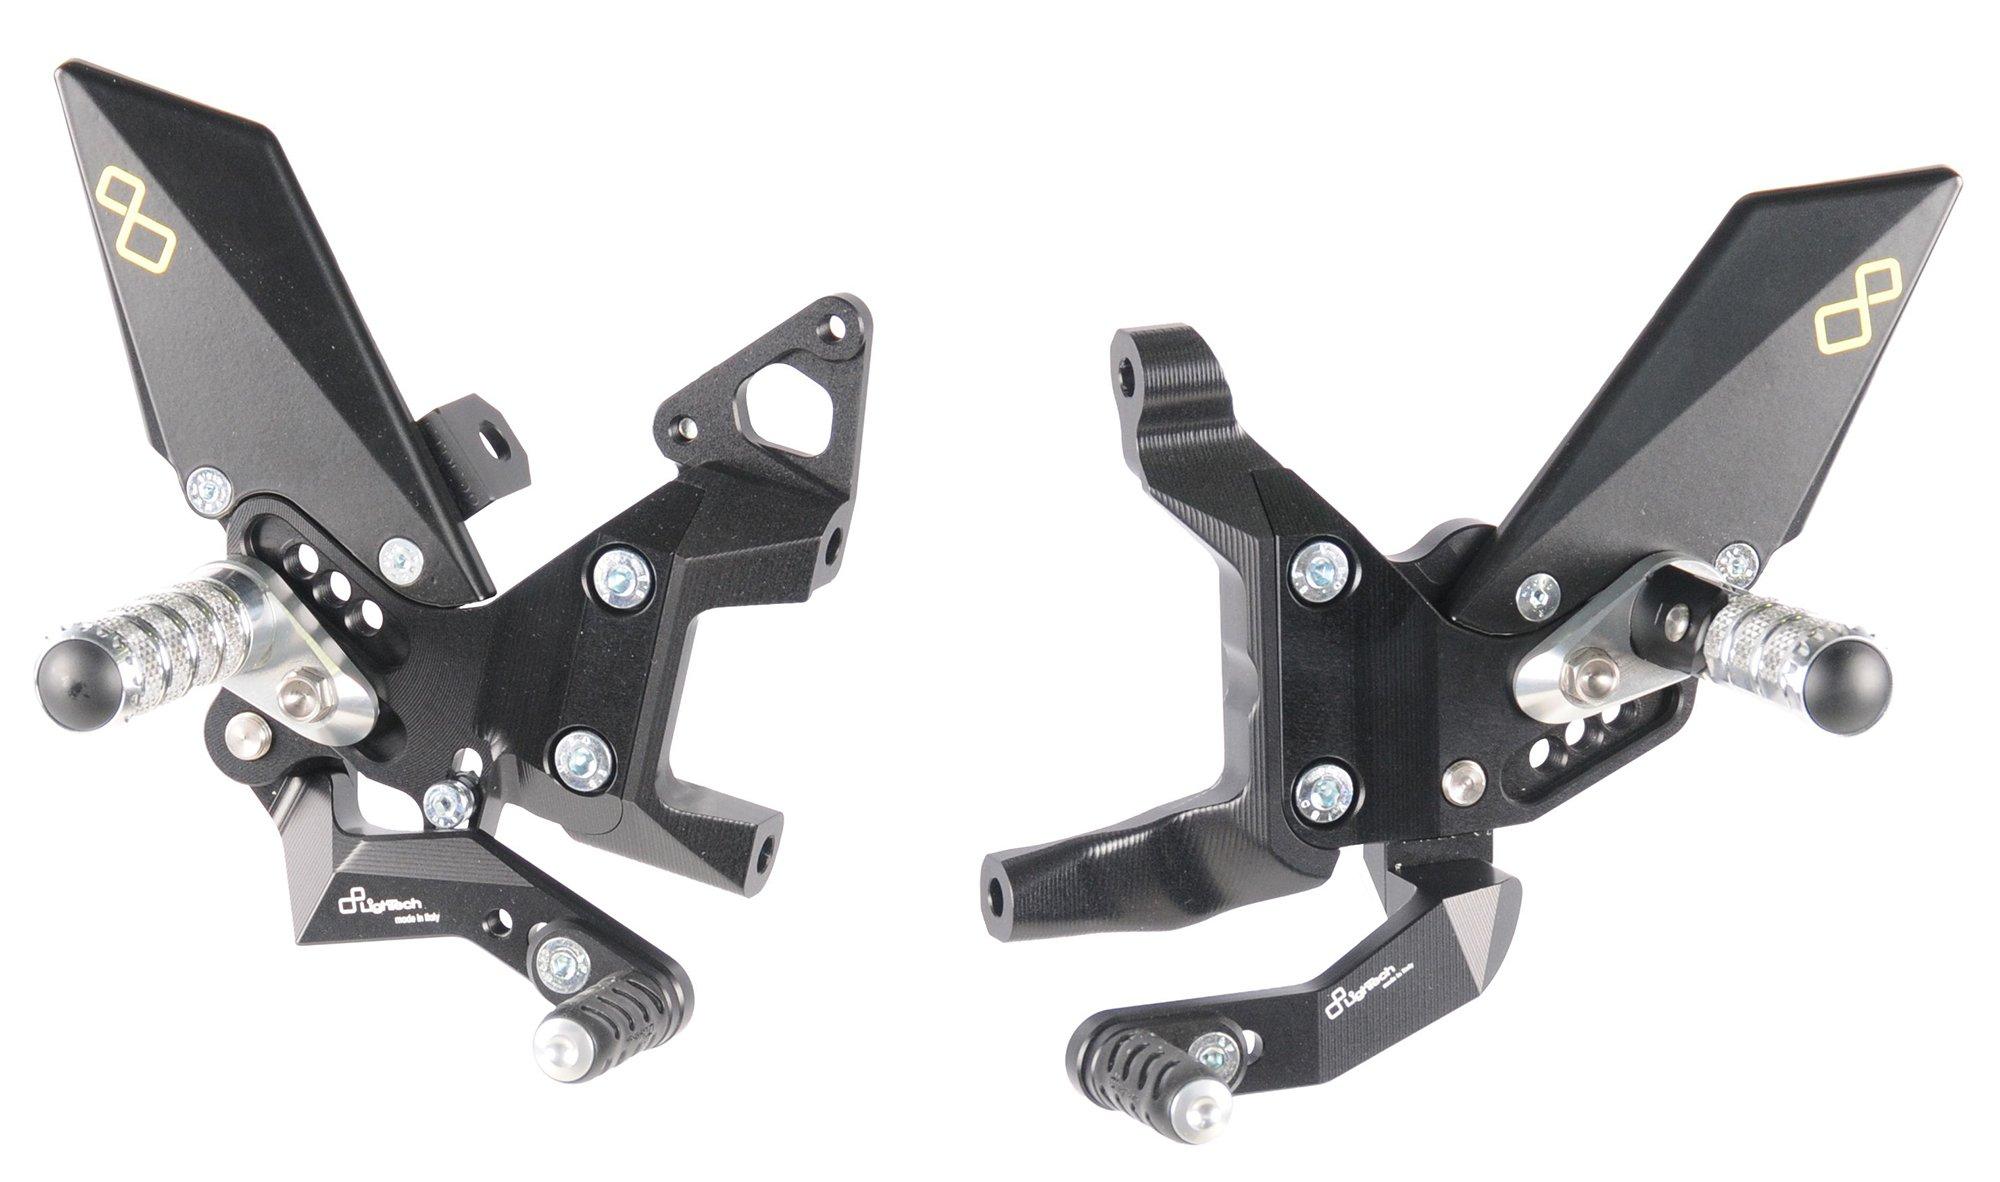 Комплект регулируемых подножек Lightech для Ducati Panigale 899 13-15, 959 16-19, 1199 12-14, 1299 15-18